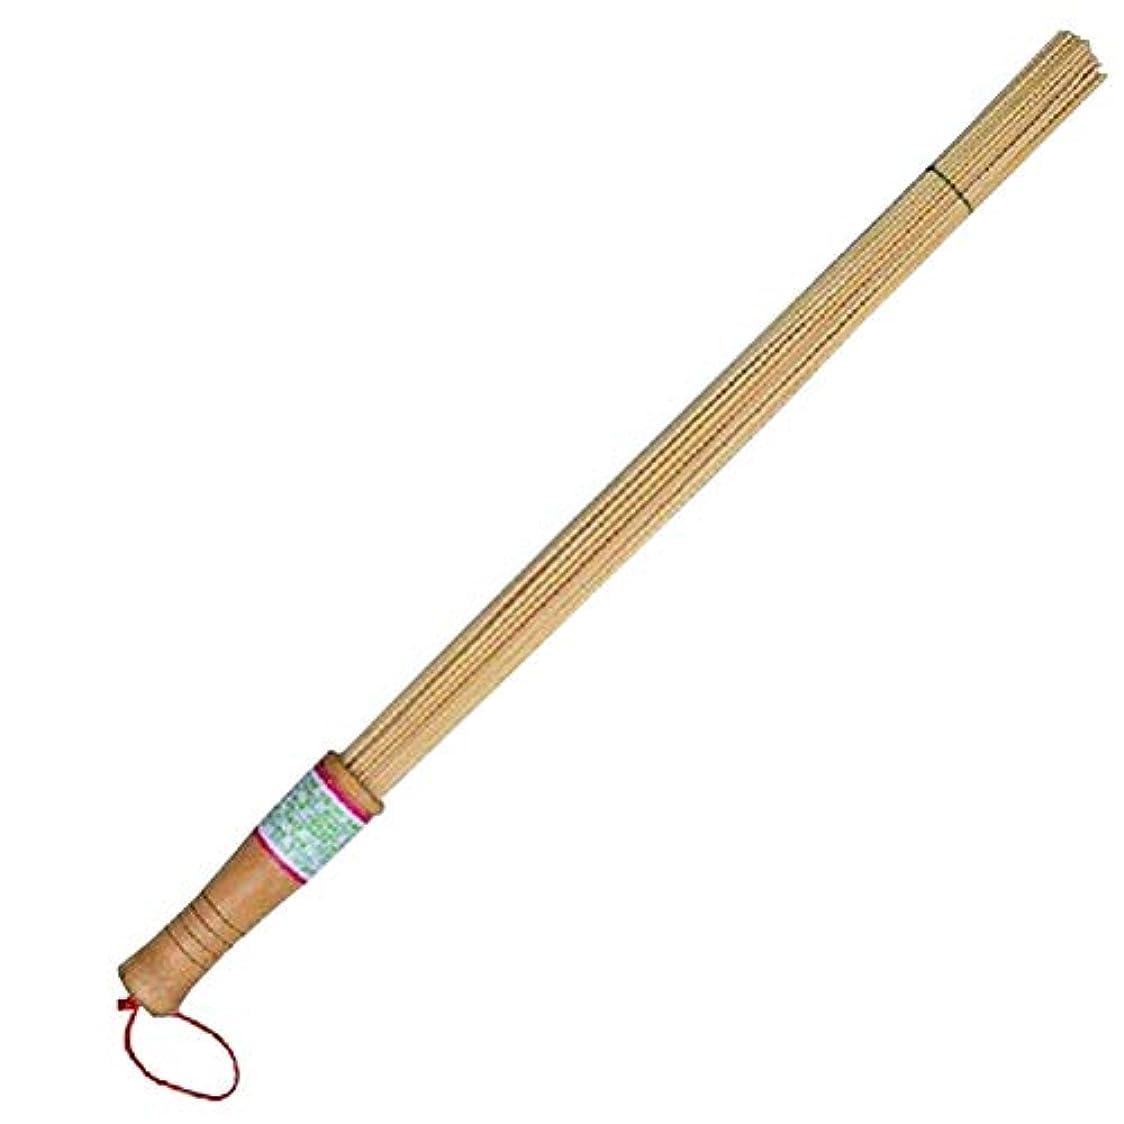 一般化するしわ翻訳者HEALIFTY 緩和のためのタケマッサージの棒のAcupointのマッサージャーの背部療法のノッカー